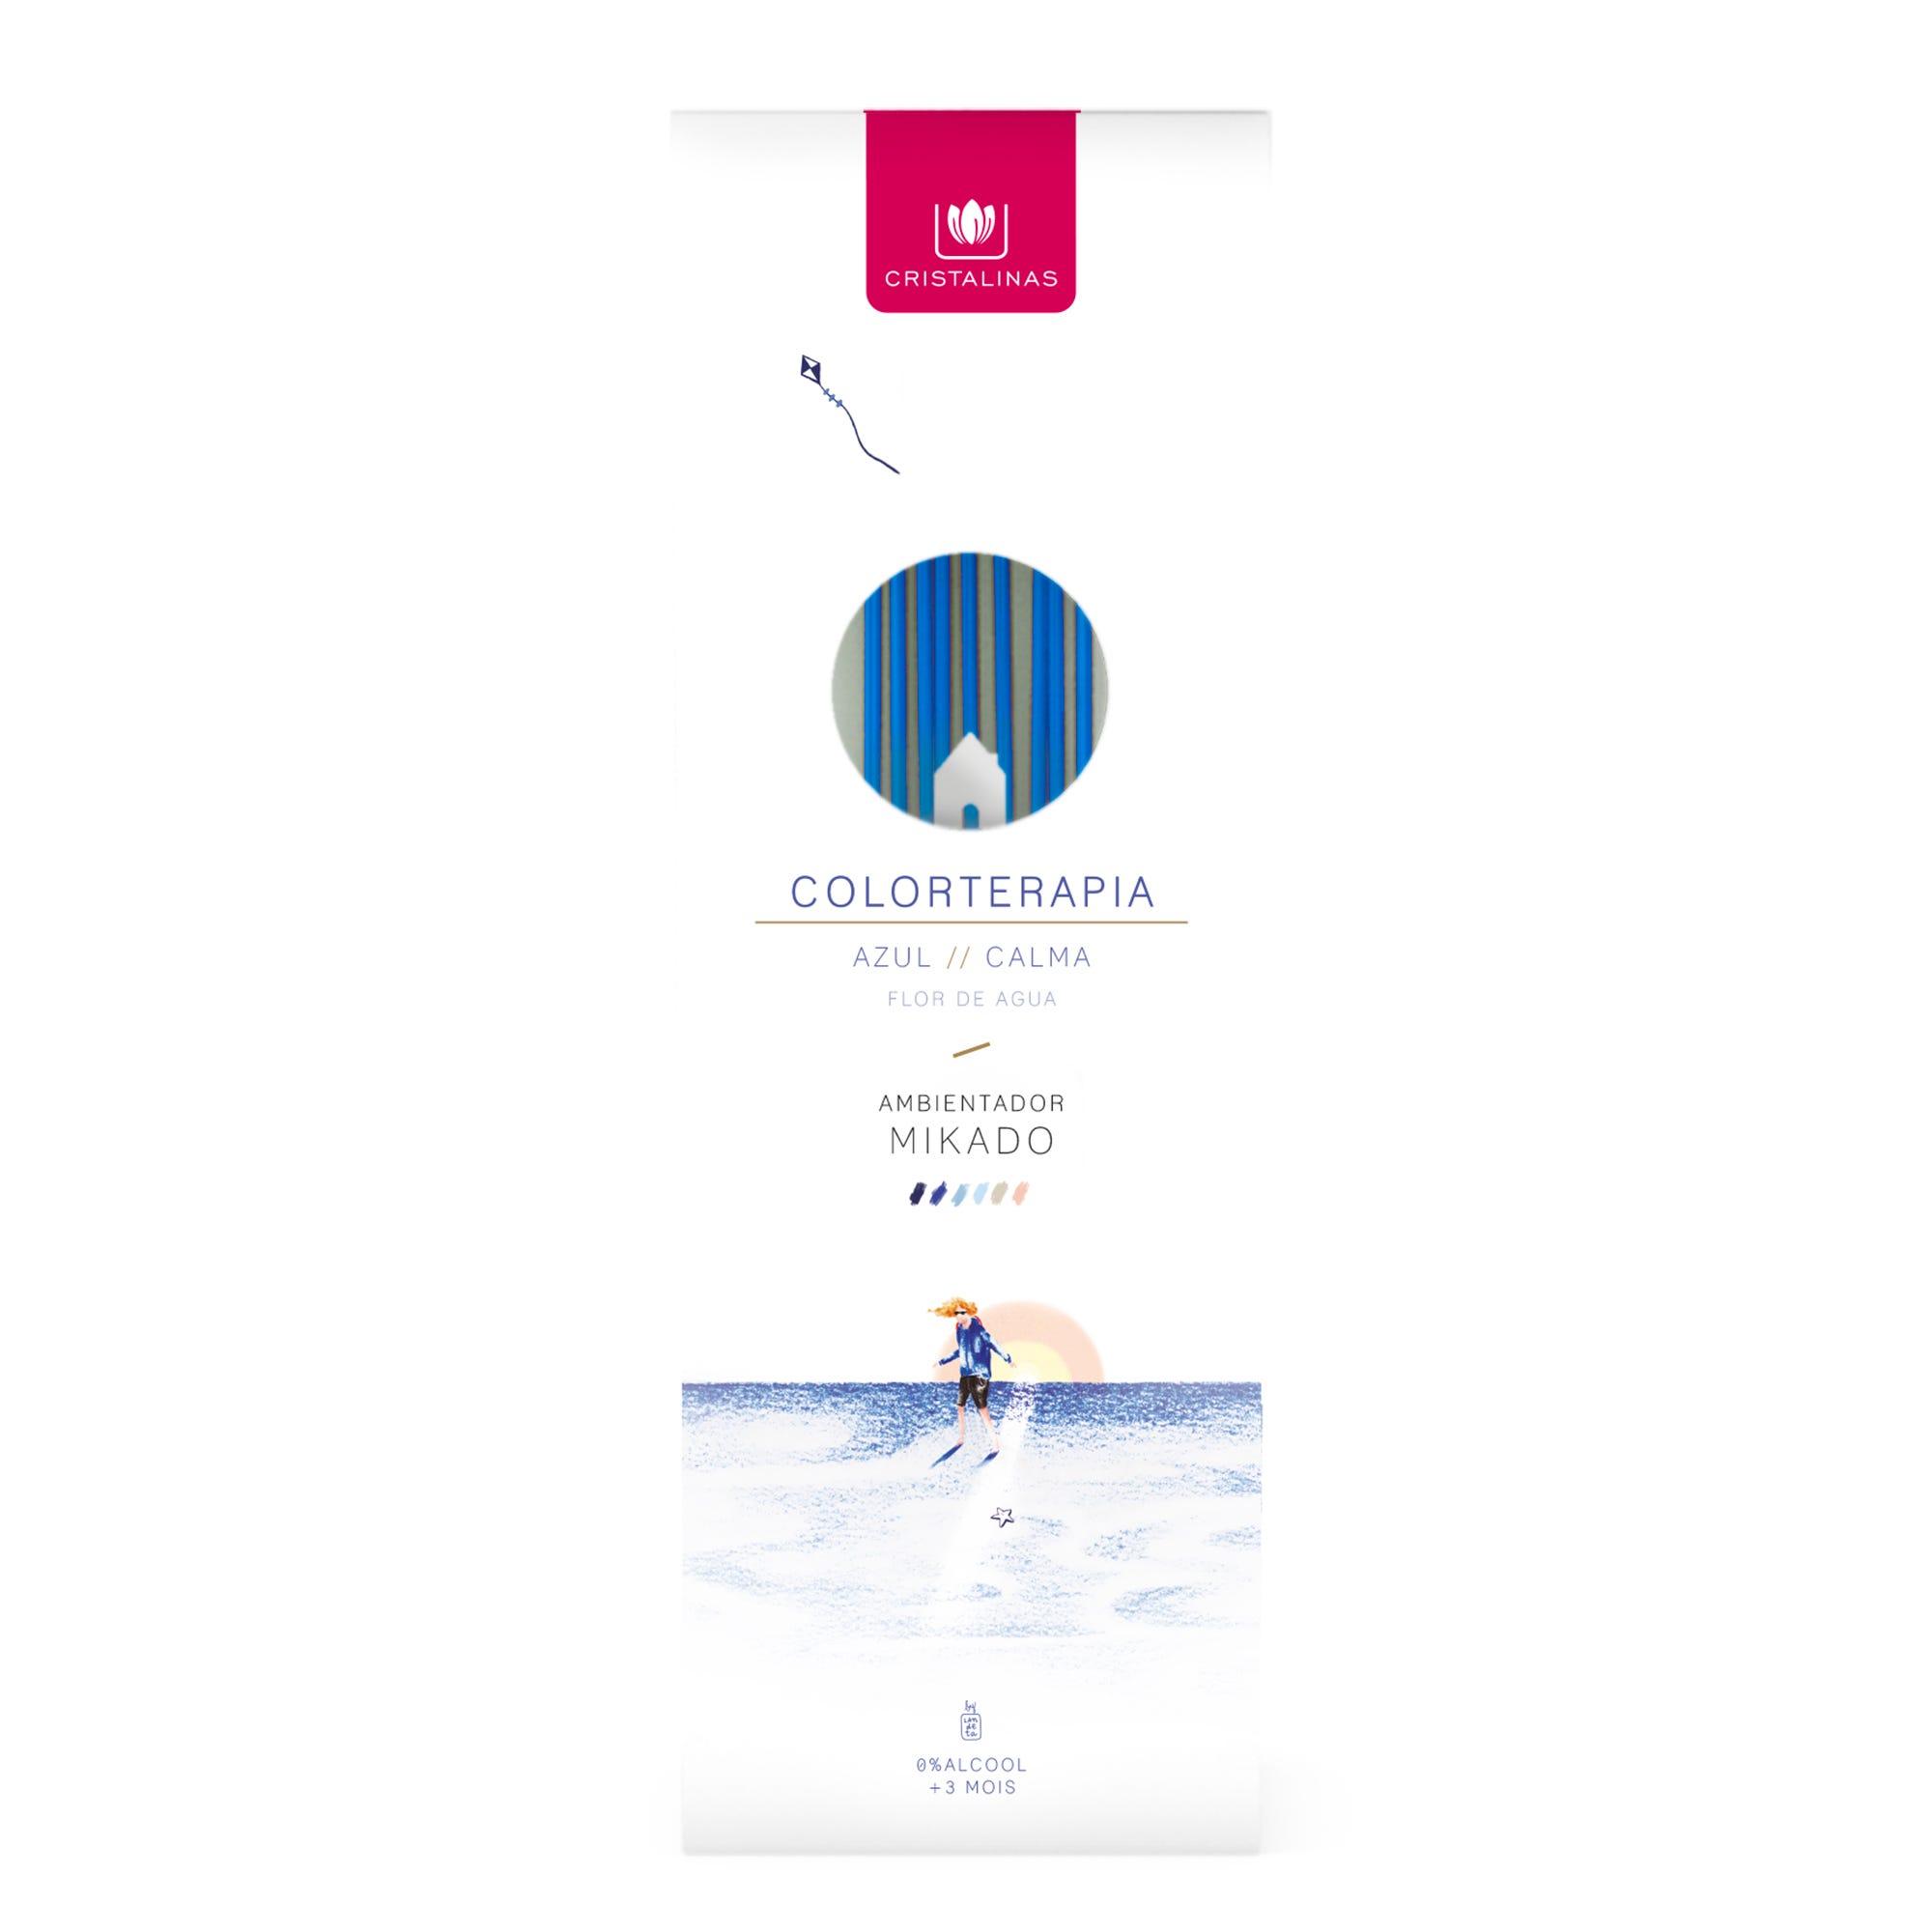 Ambientador mikado Colorterapia Cristalinas aroma azul flor de agua y bergamota, 125 mL